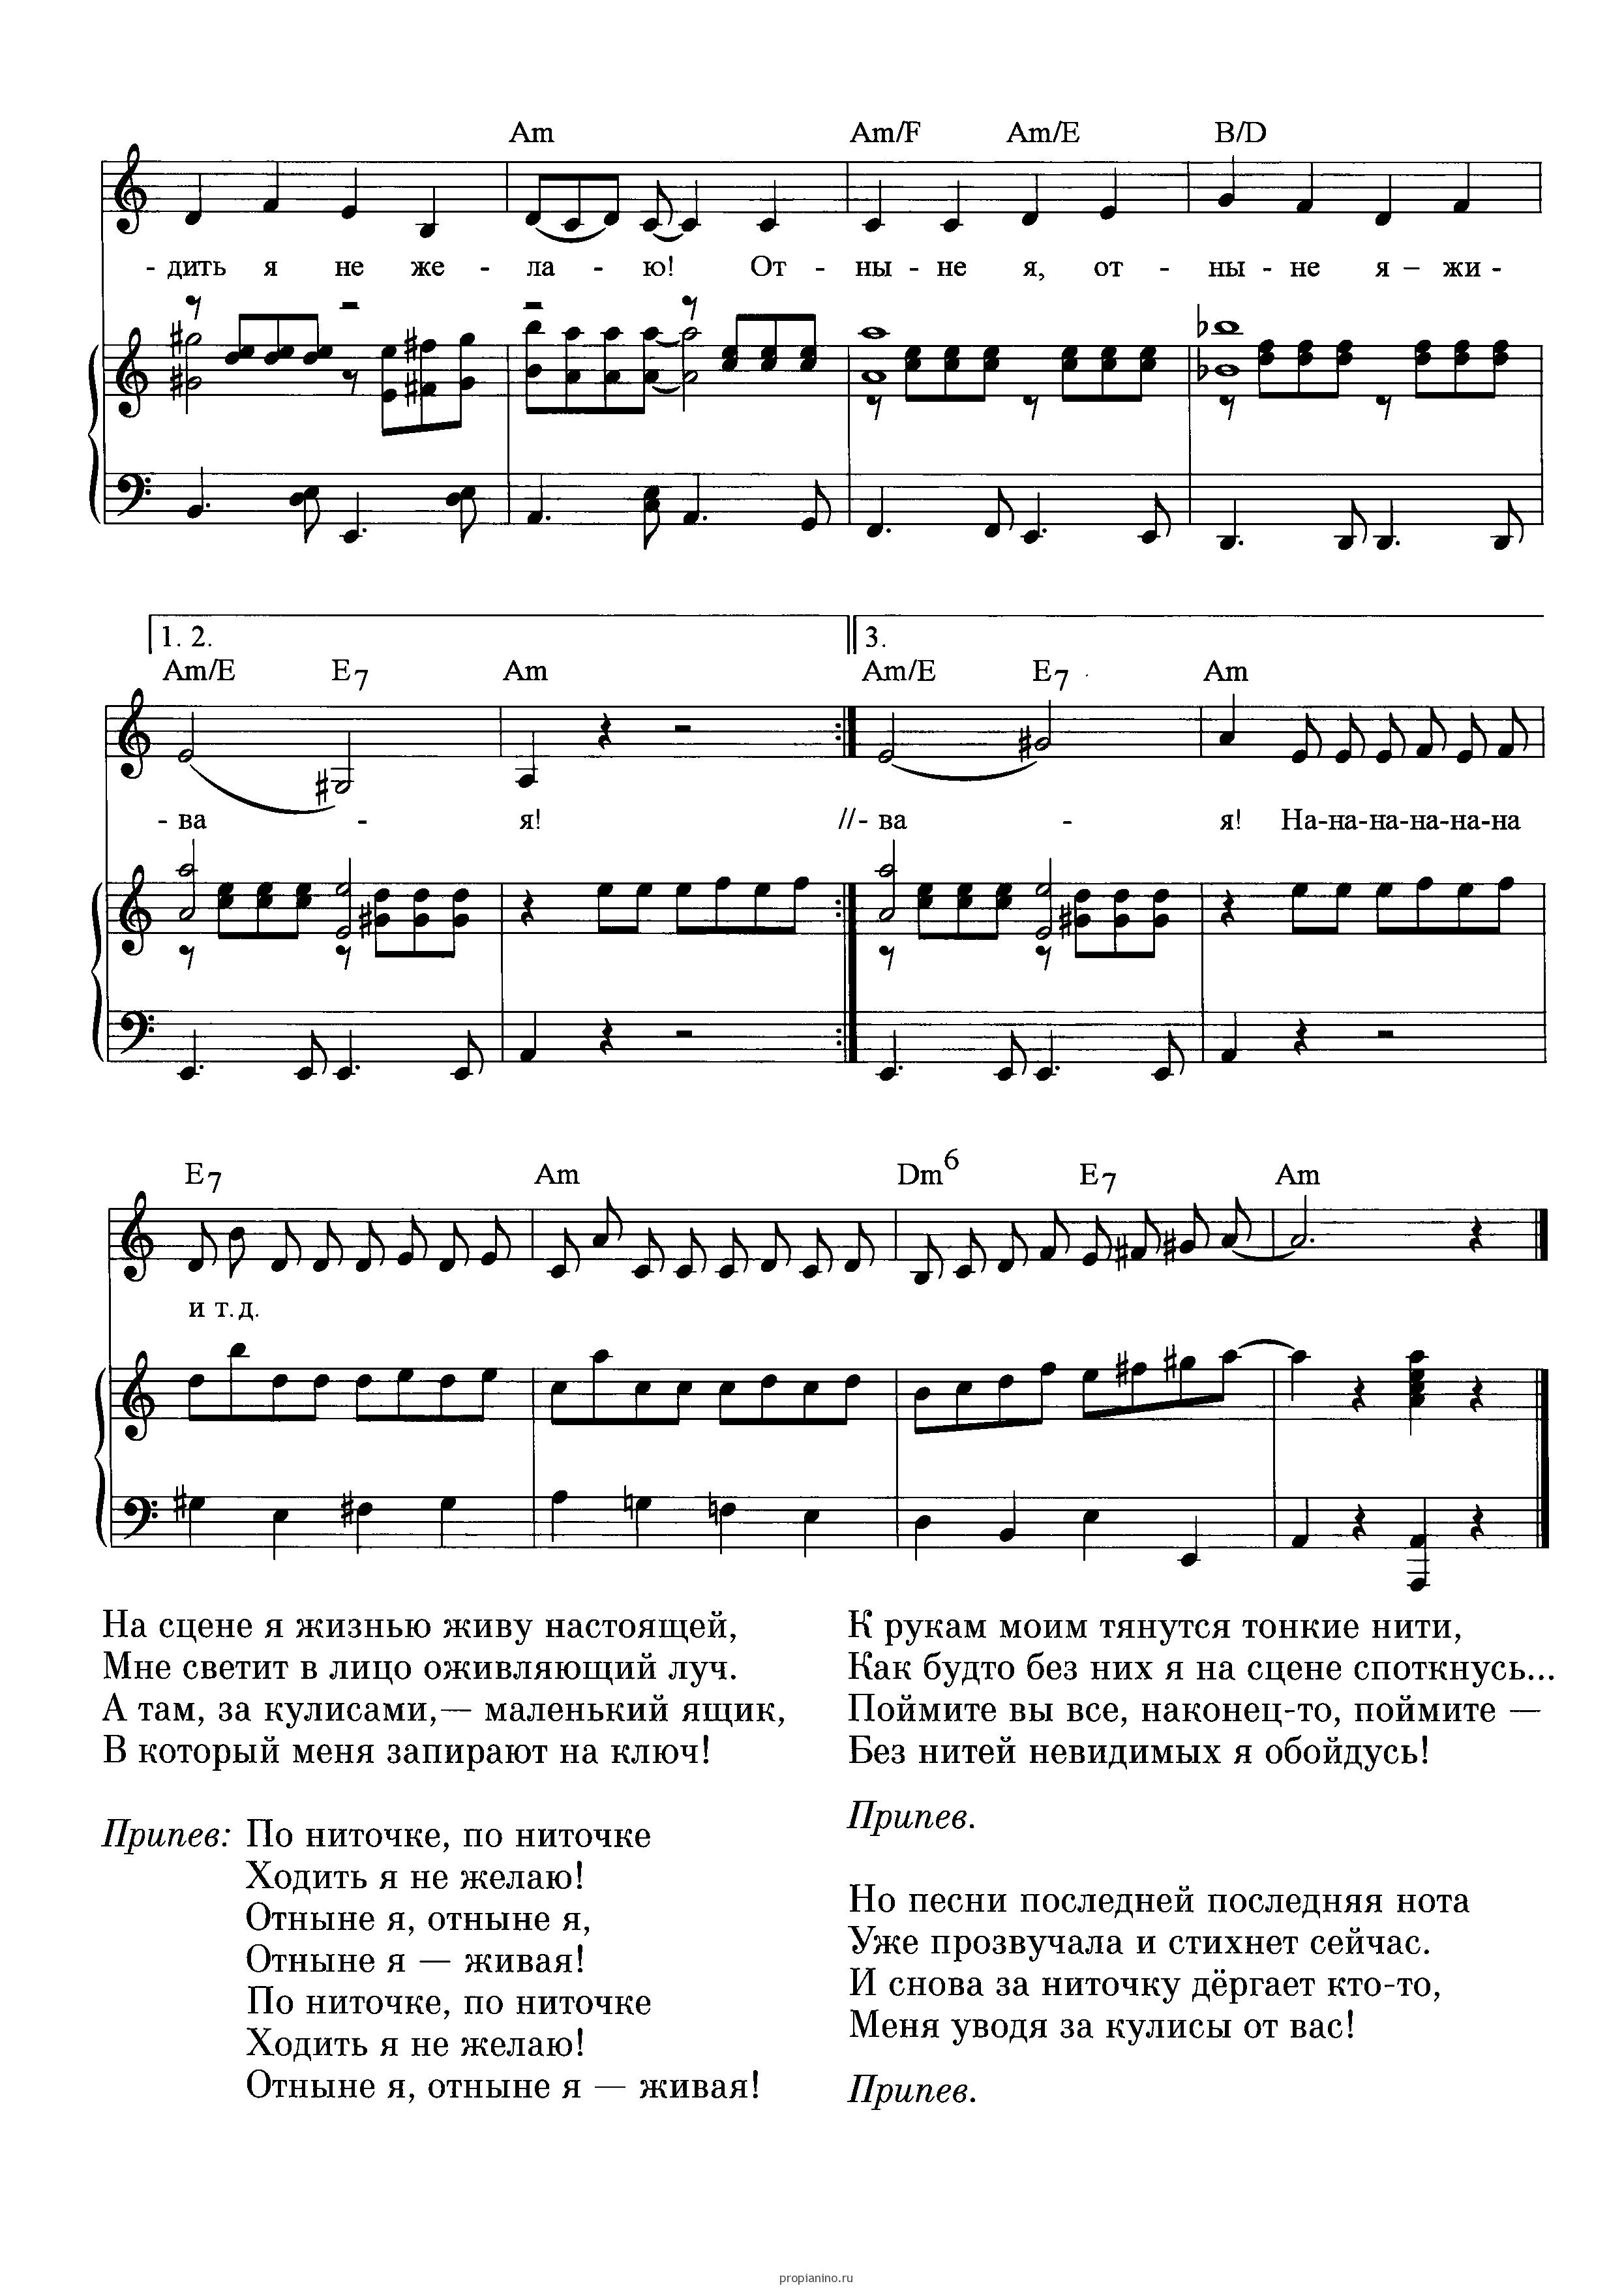 ПЕСНЯ ПО НИТОЧКЕ СКАЧАТЬ БЕСПЛАТНО